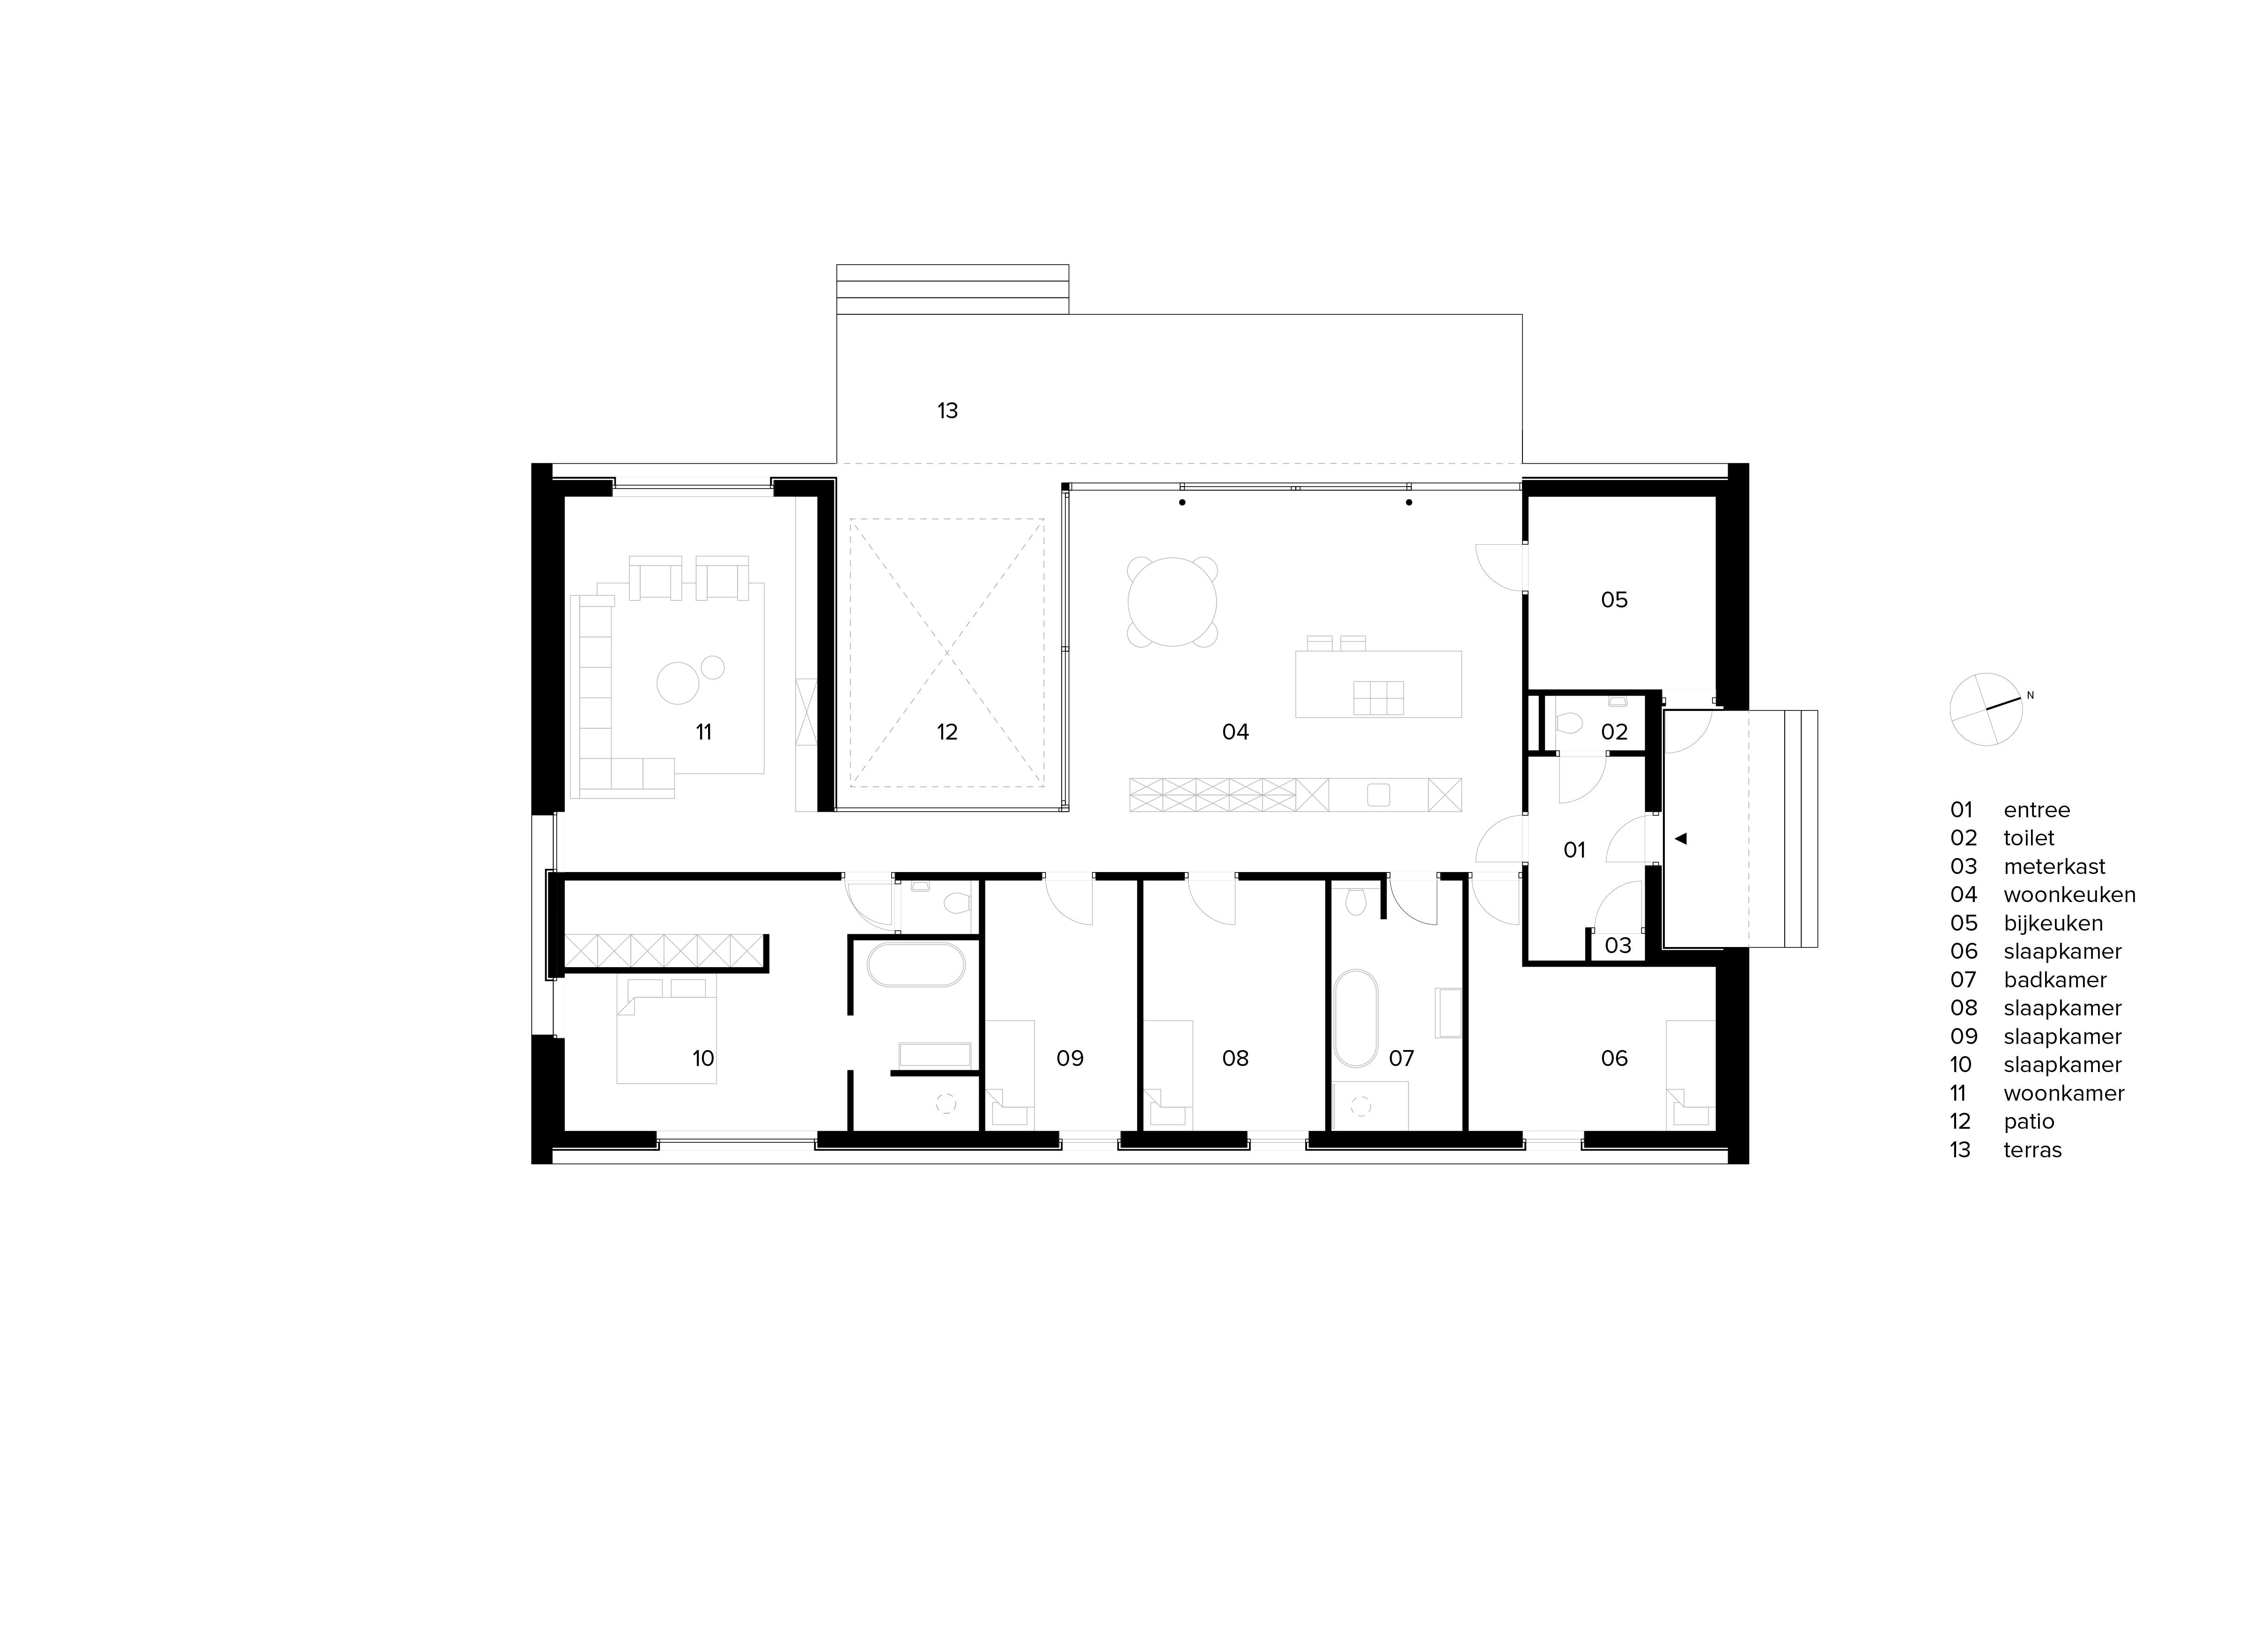 van Os Architecten nieuwbouw moderne bungalow met patio Prinsenbeek plattegrond met keuken en woonkamer rondom patio